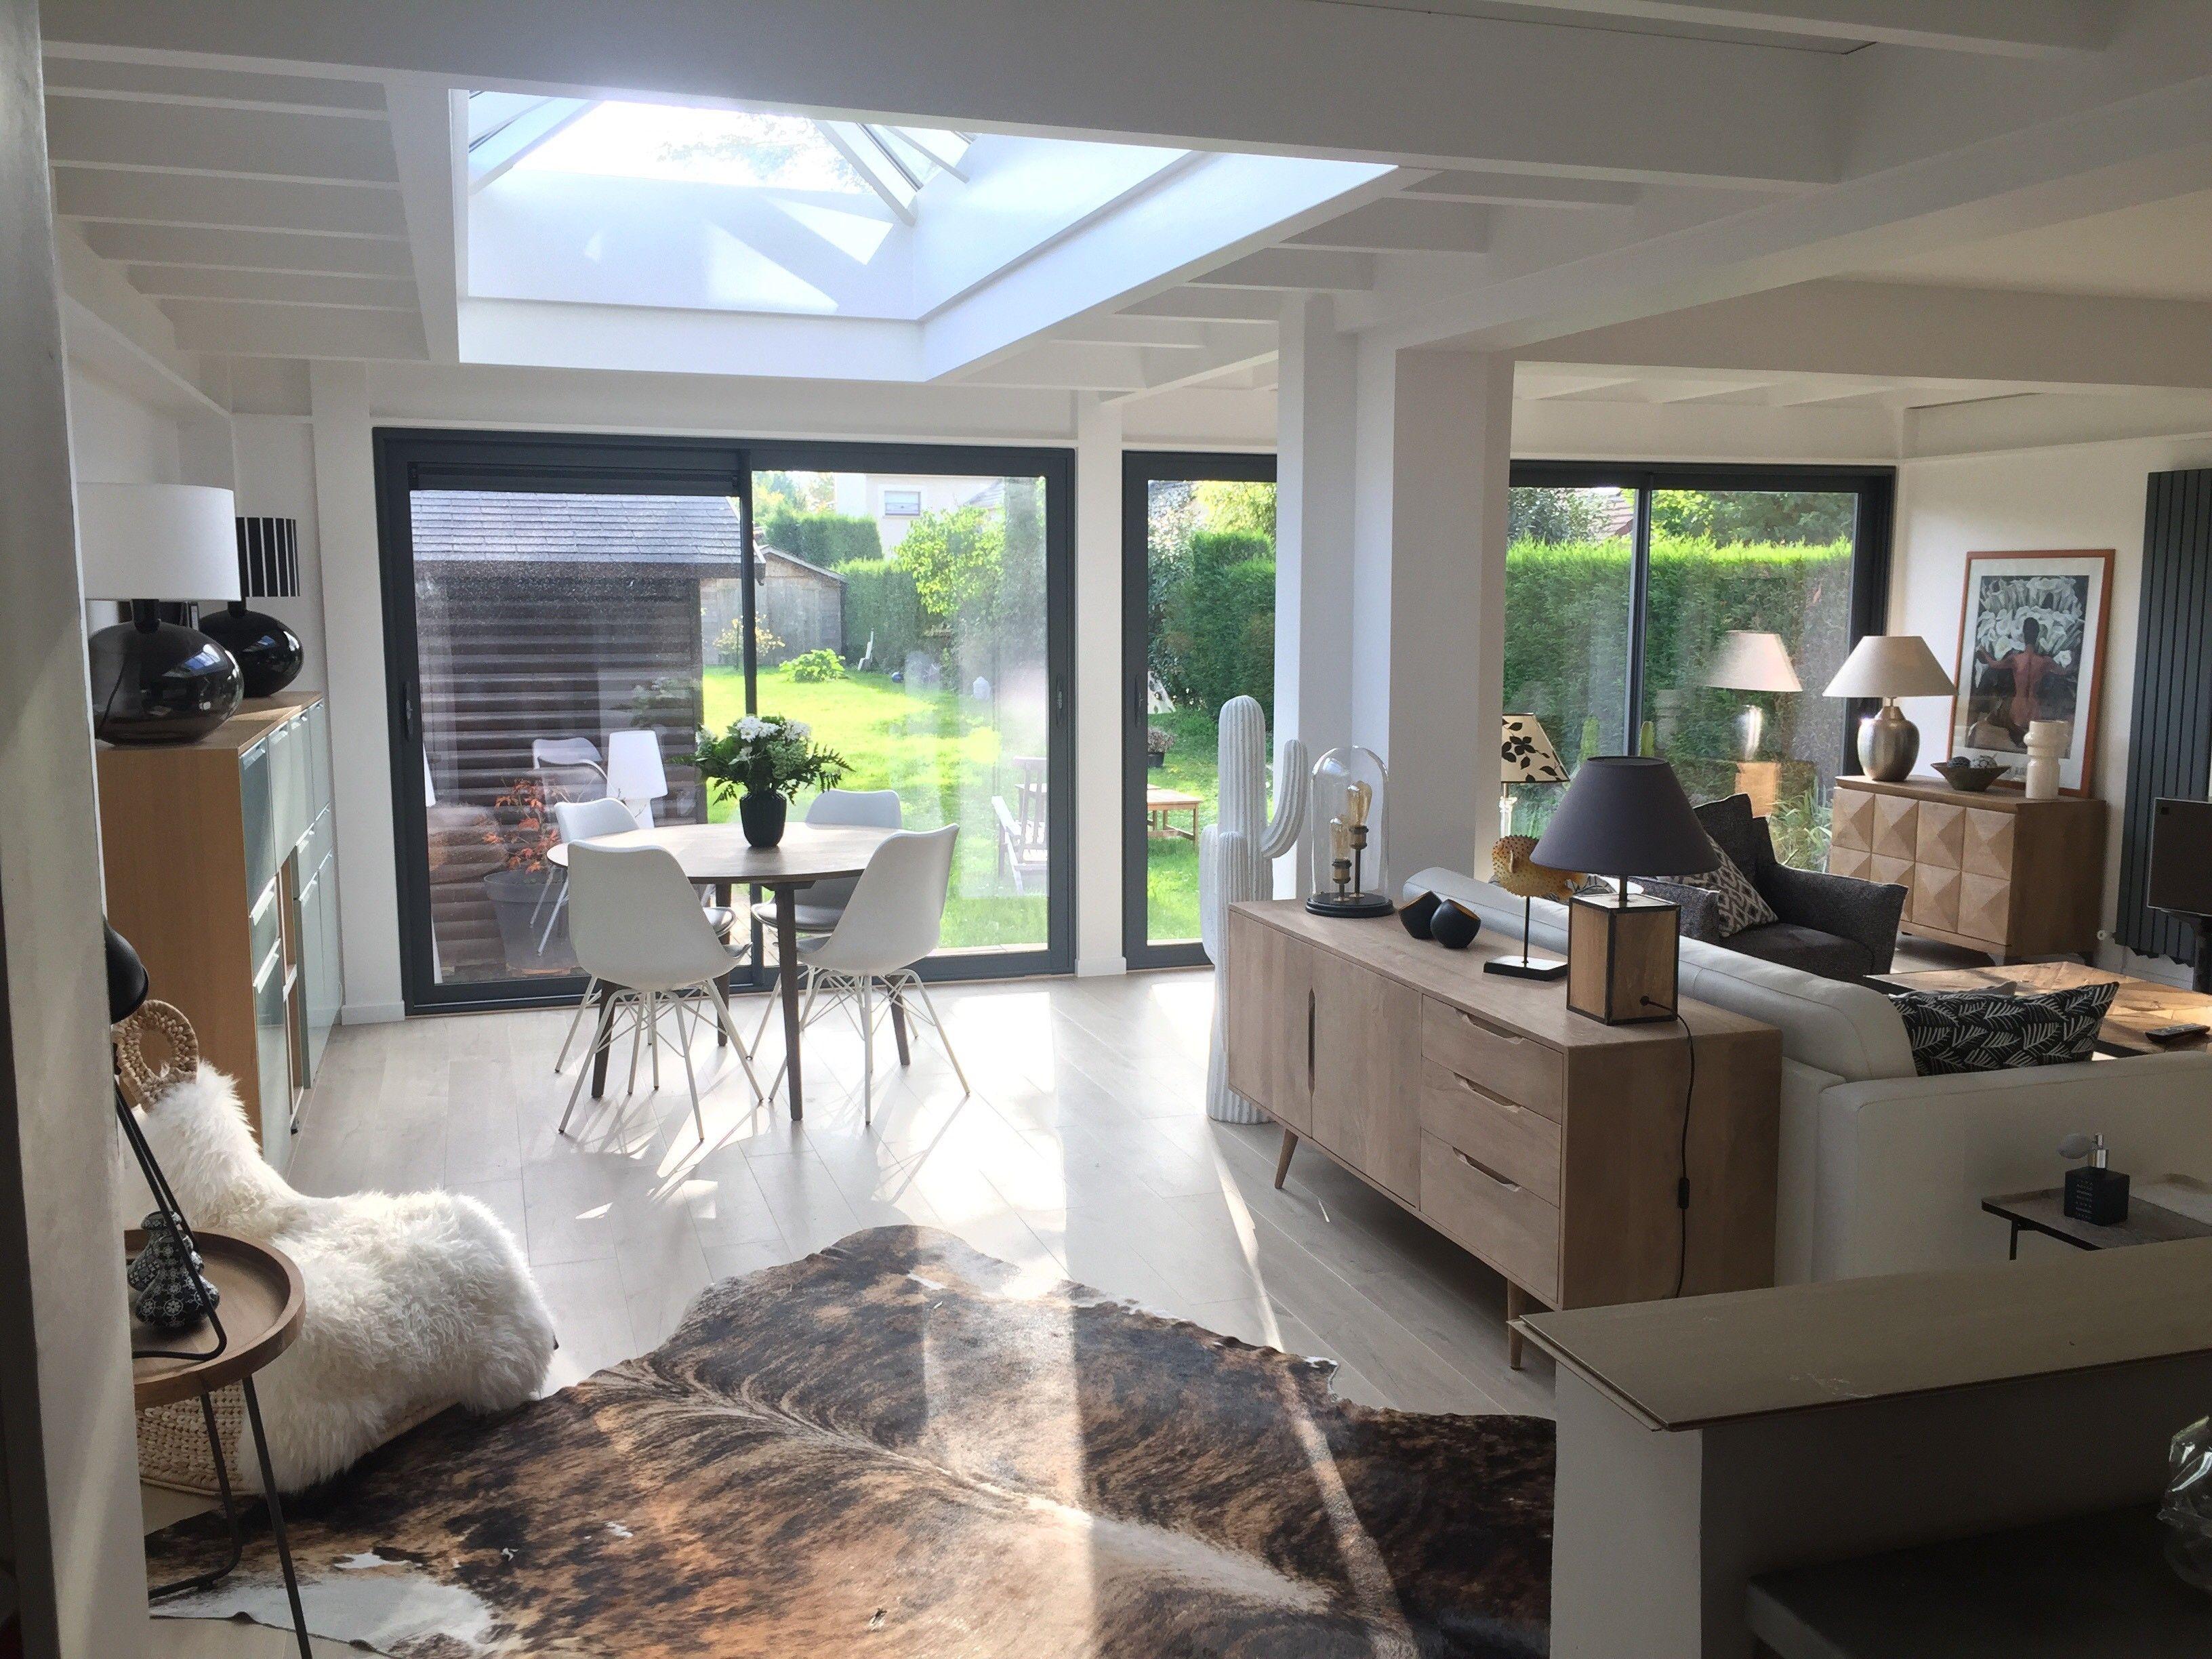 Veranda Puit De Lumiere une véranda moderne avec toiture plate et puit de lumière